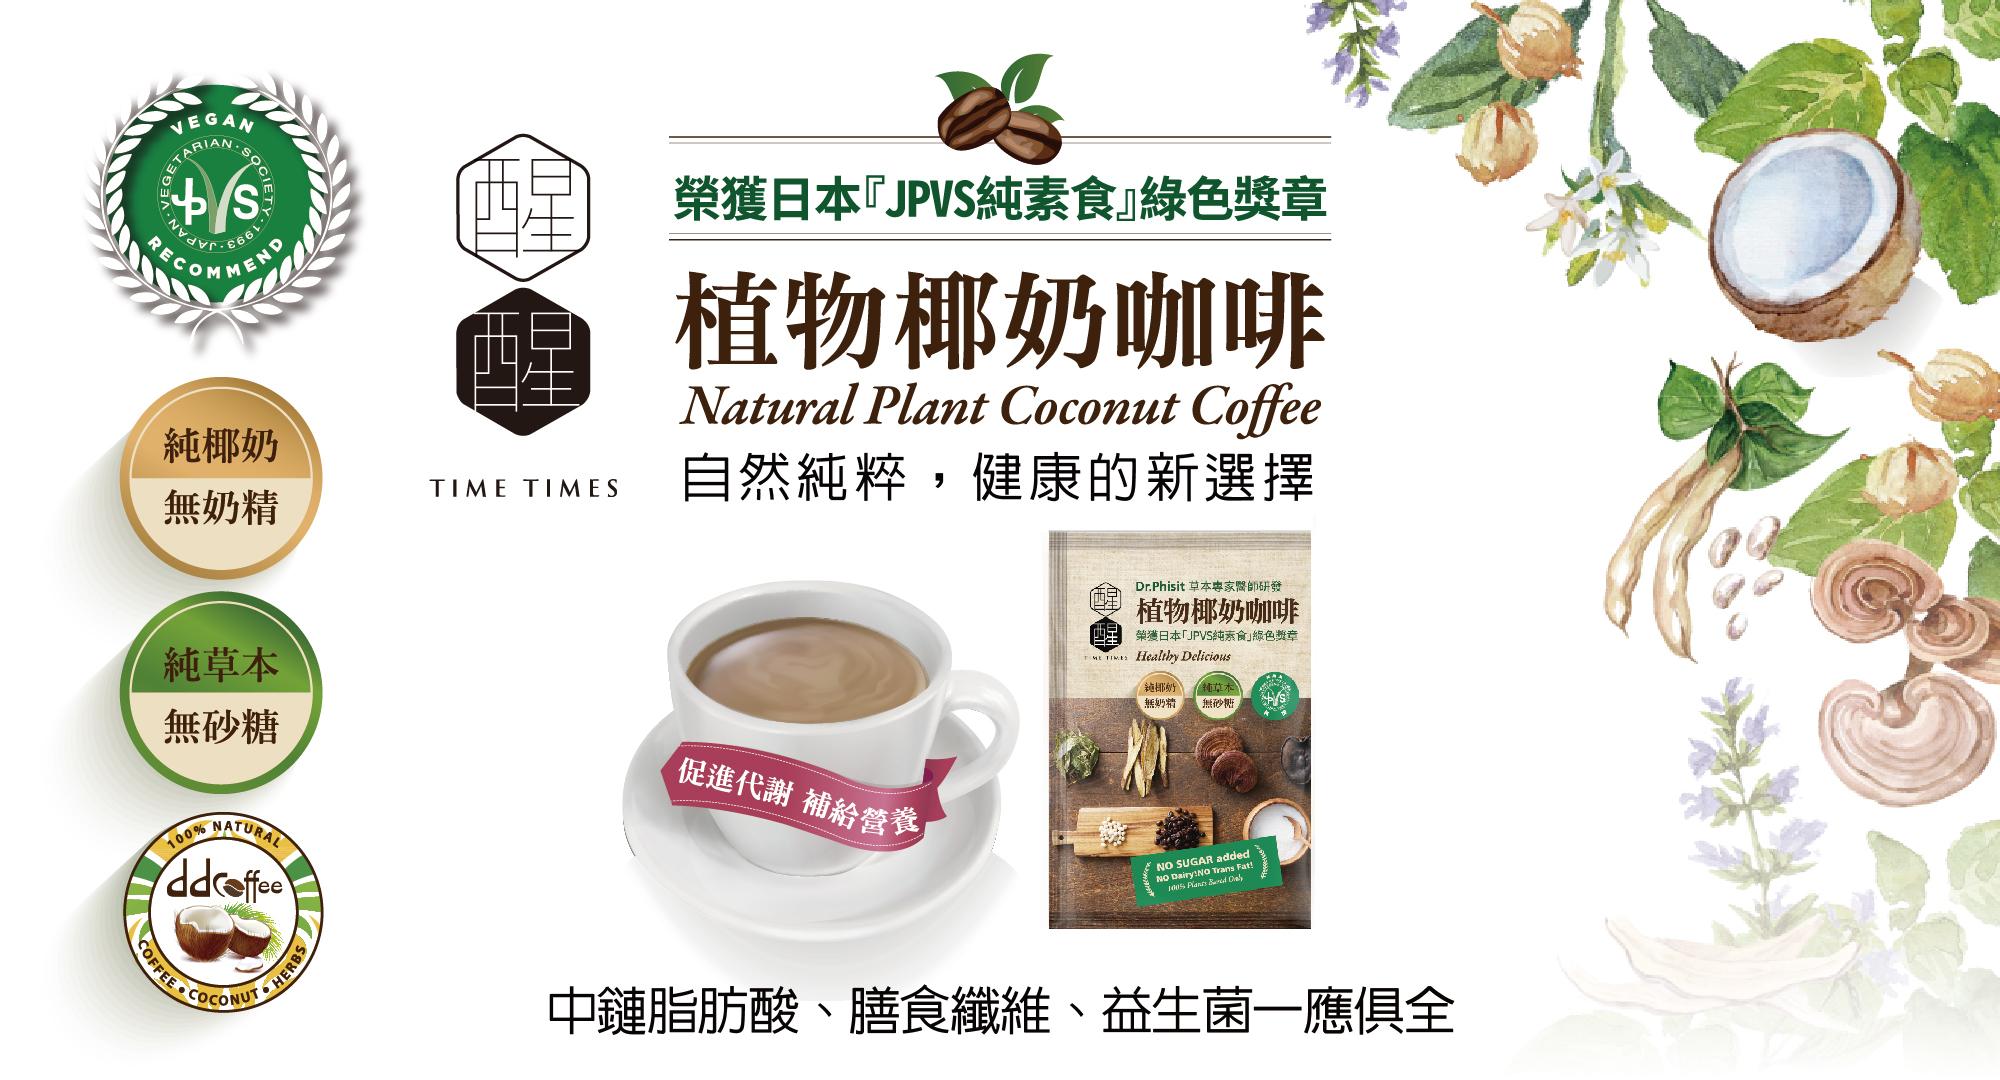 台灣唯一獨家植物椰凱咖啡養身